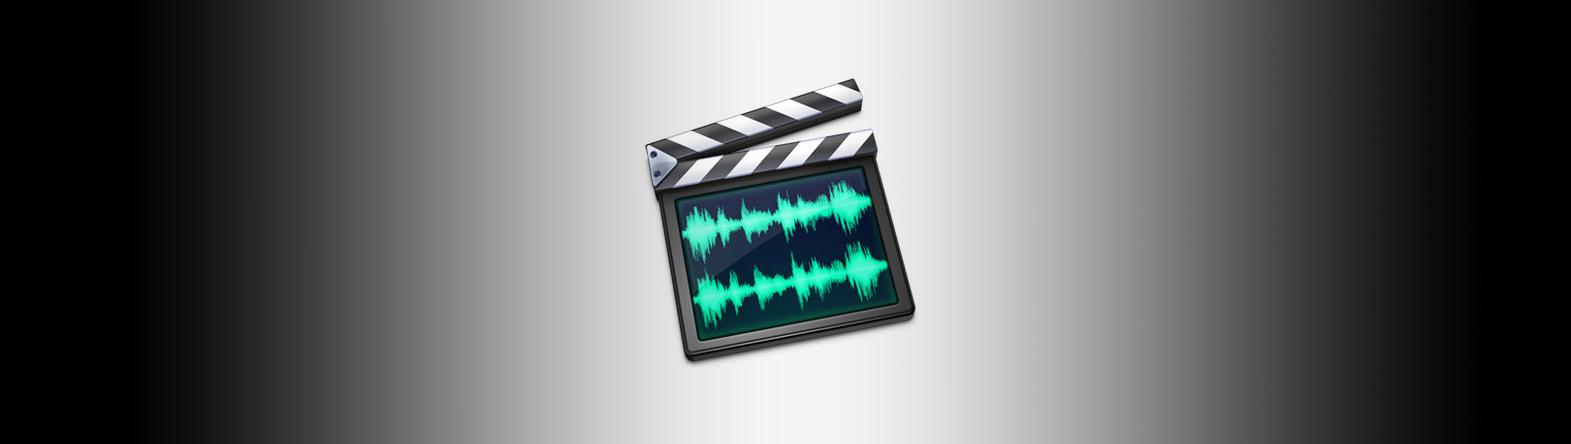 Sound trackPro